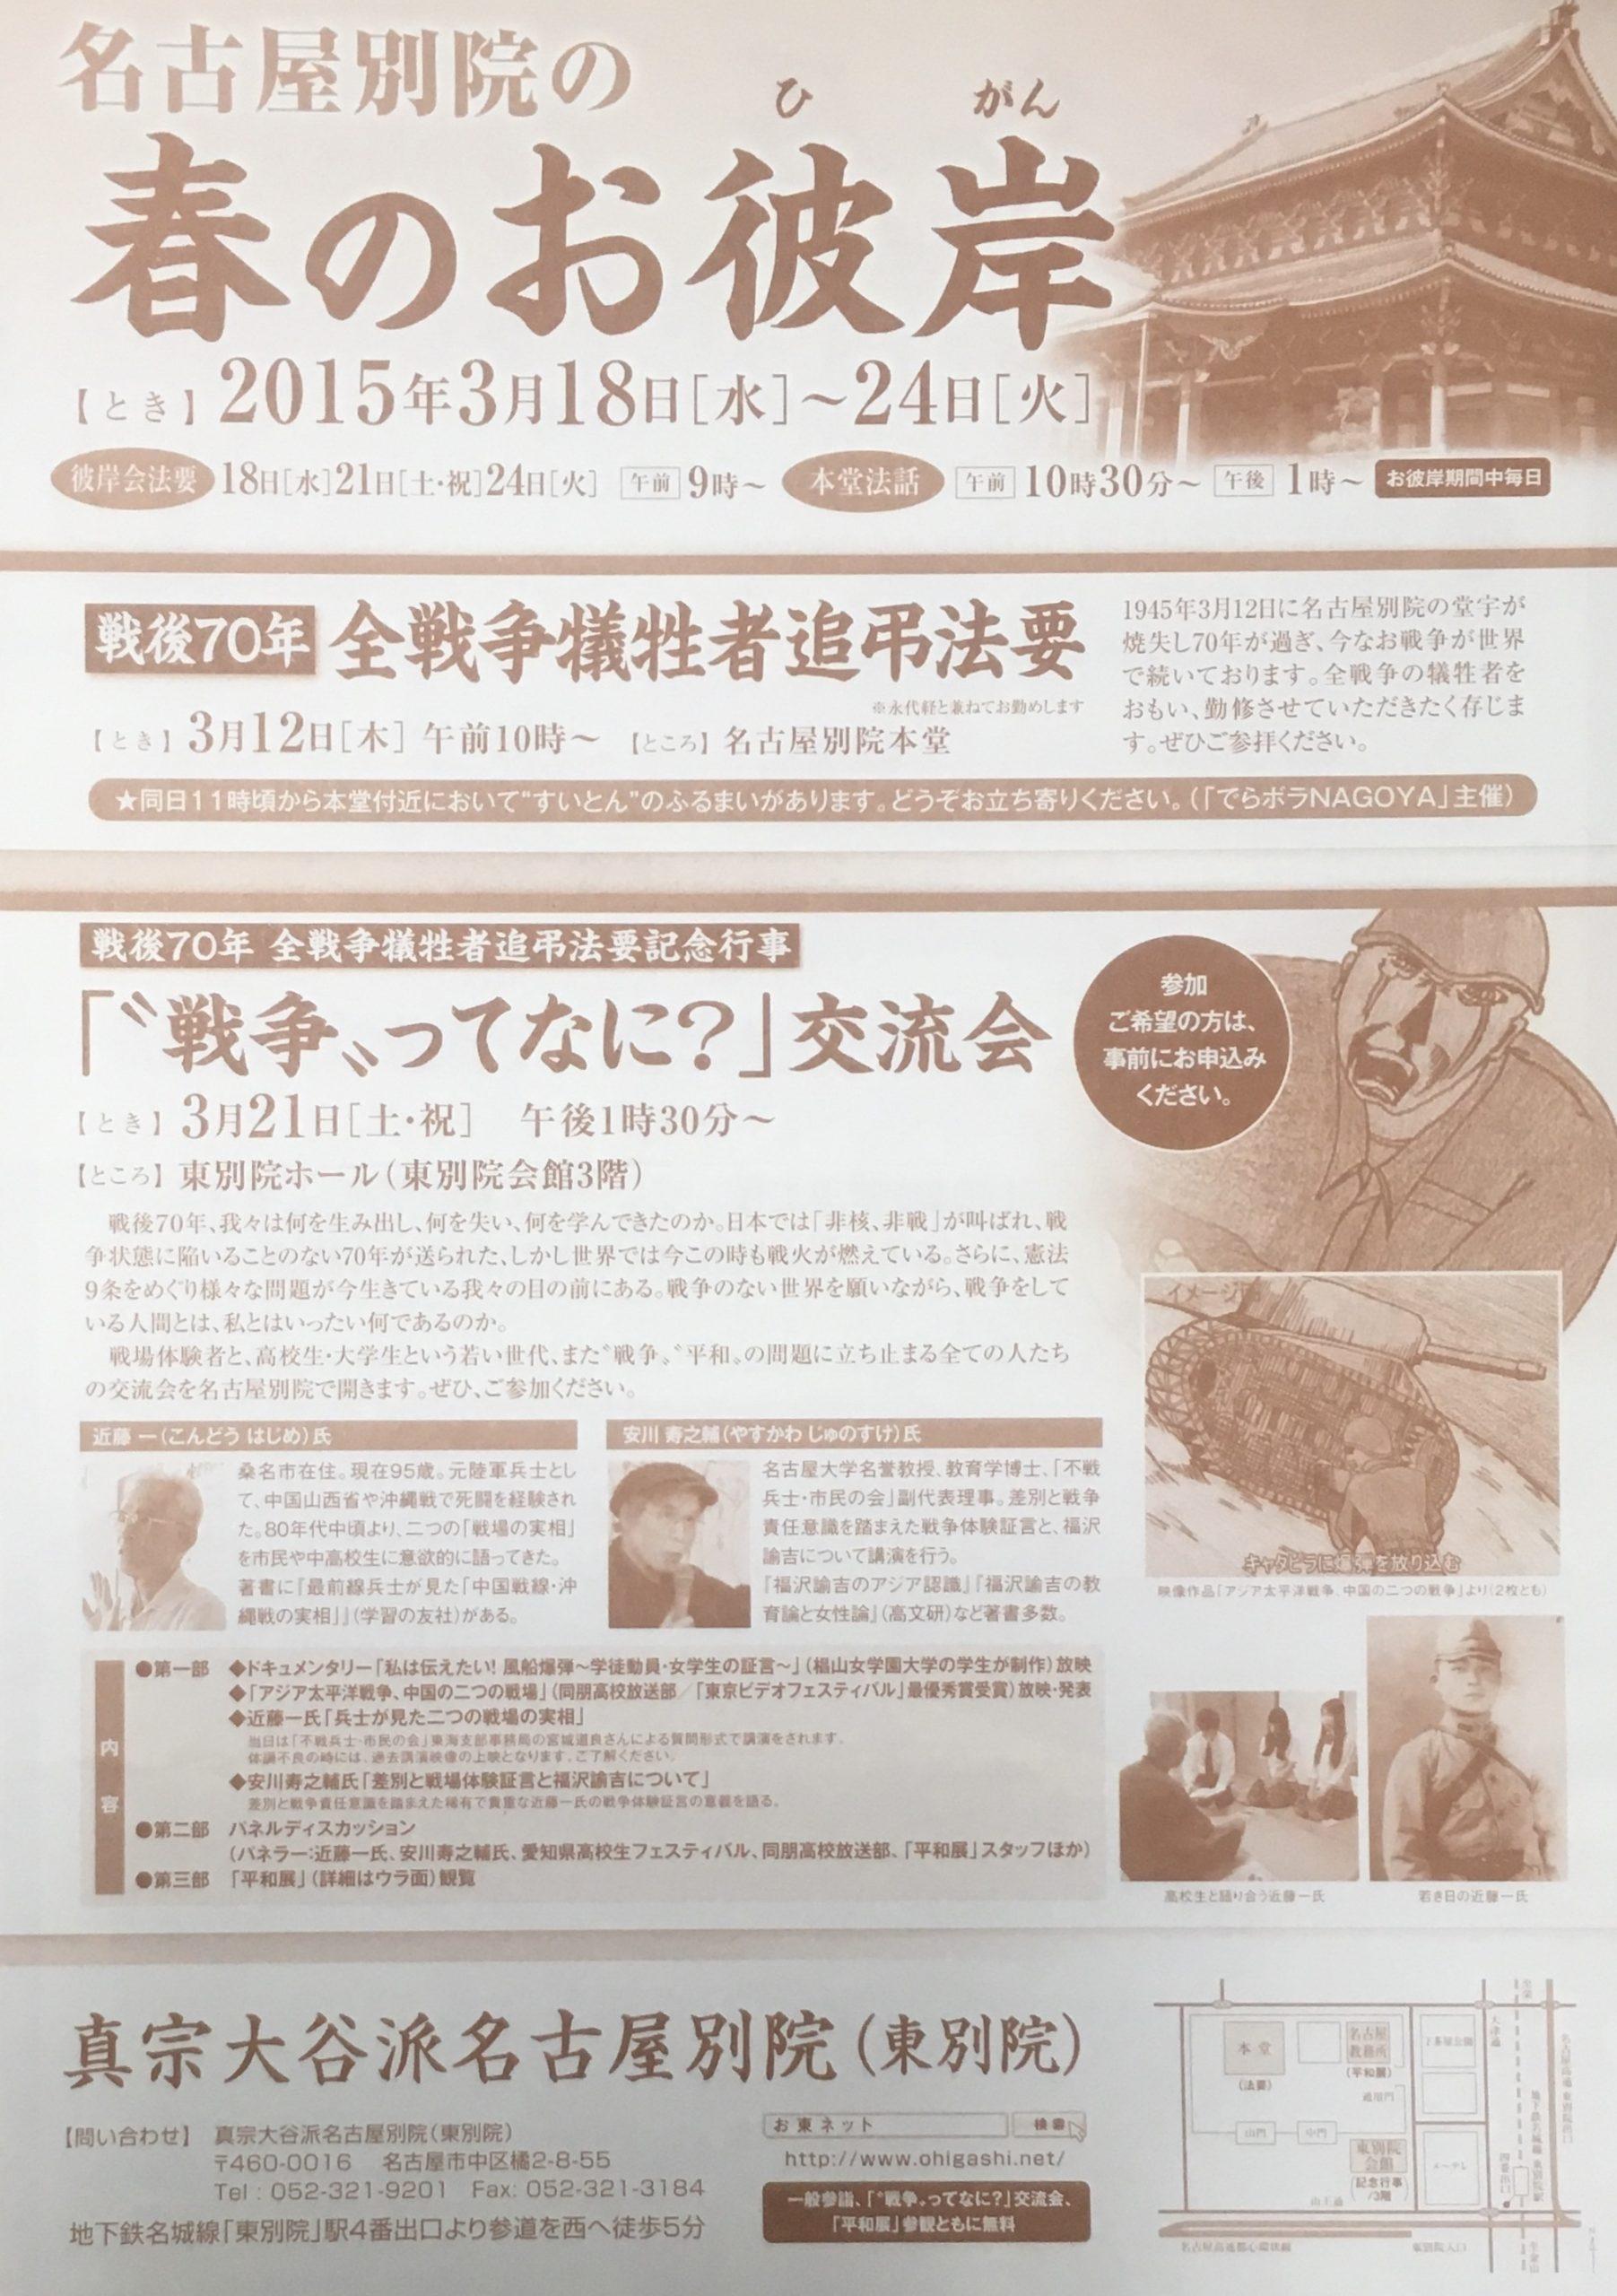 2015 名古屋別院「全戦没者追弔法要」で上映